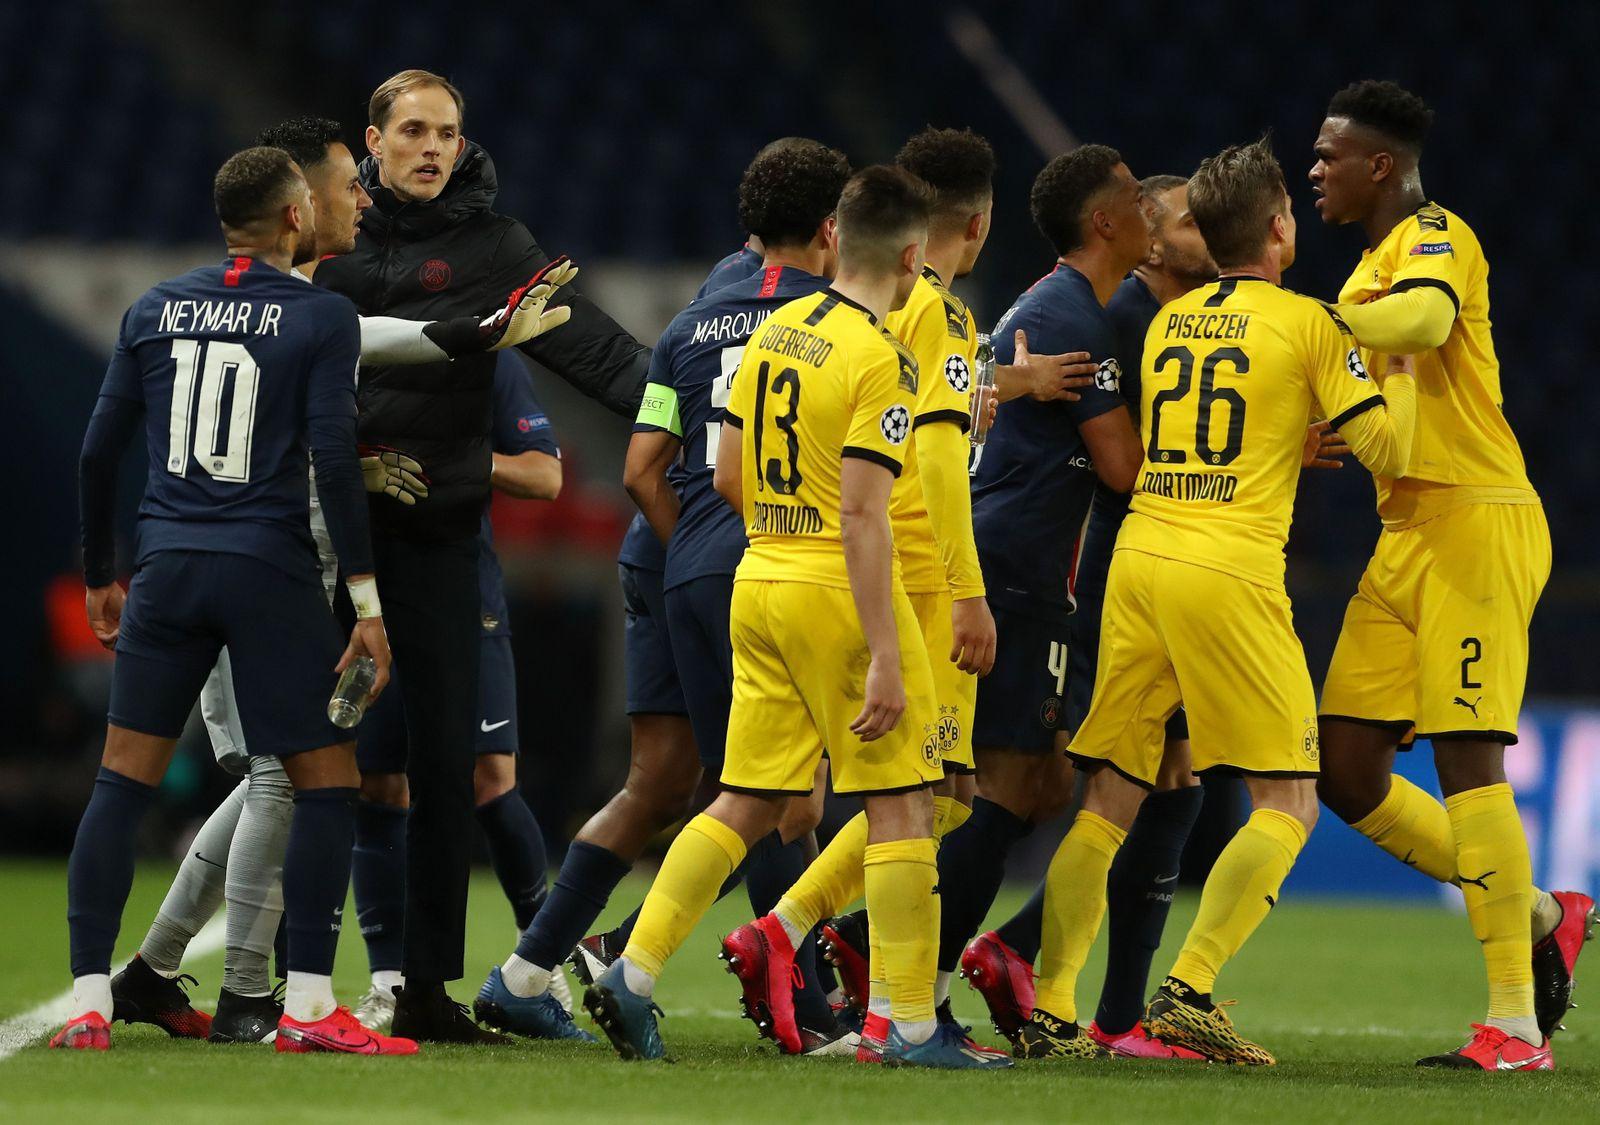 Paris Saint-Germain vs Borussia Dortmund, France - 11 Mar 2020